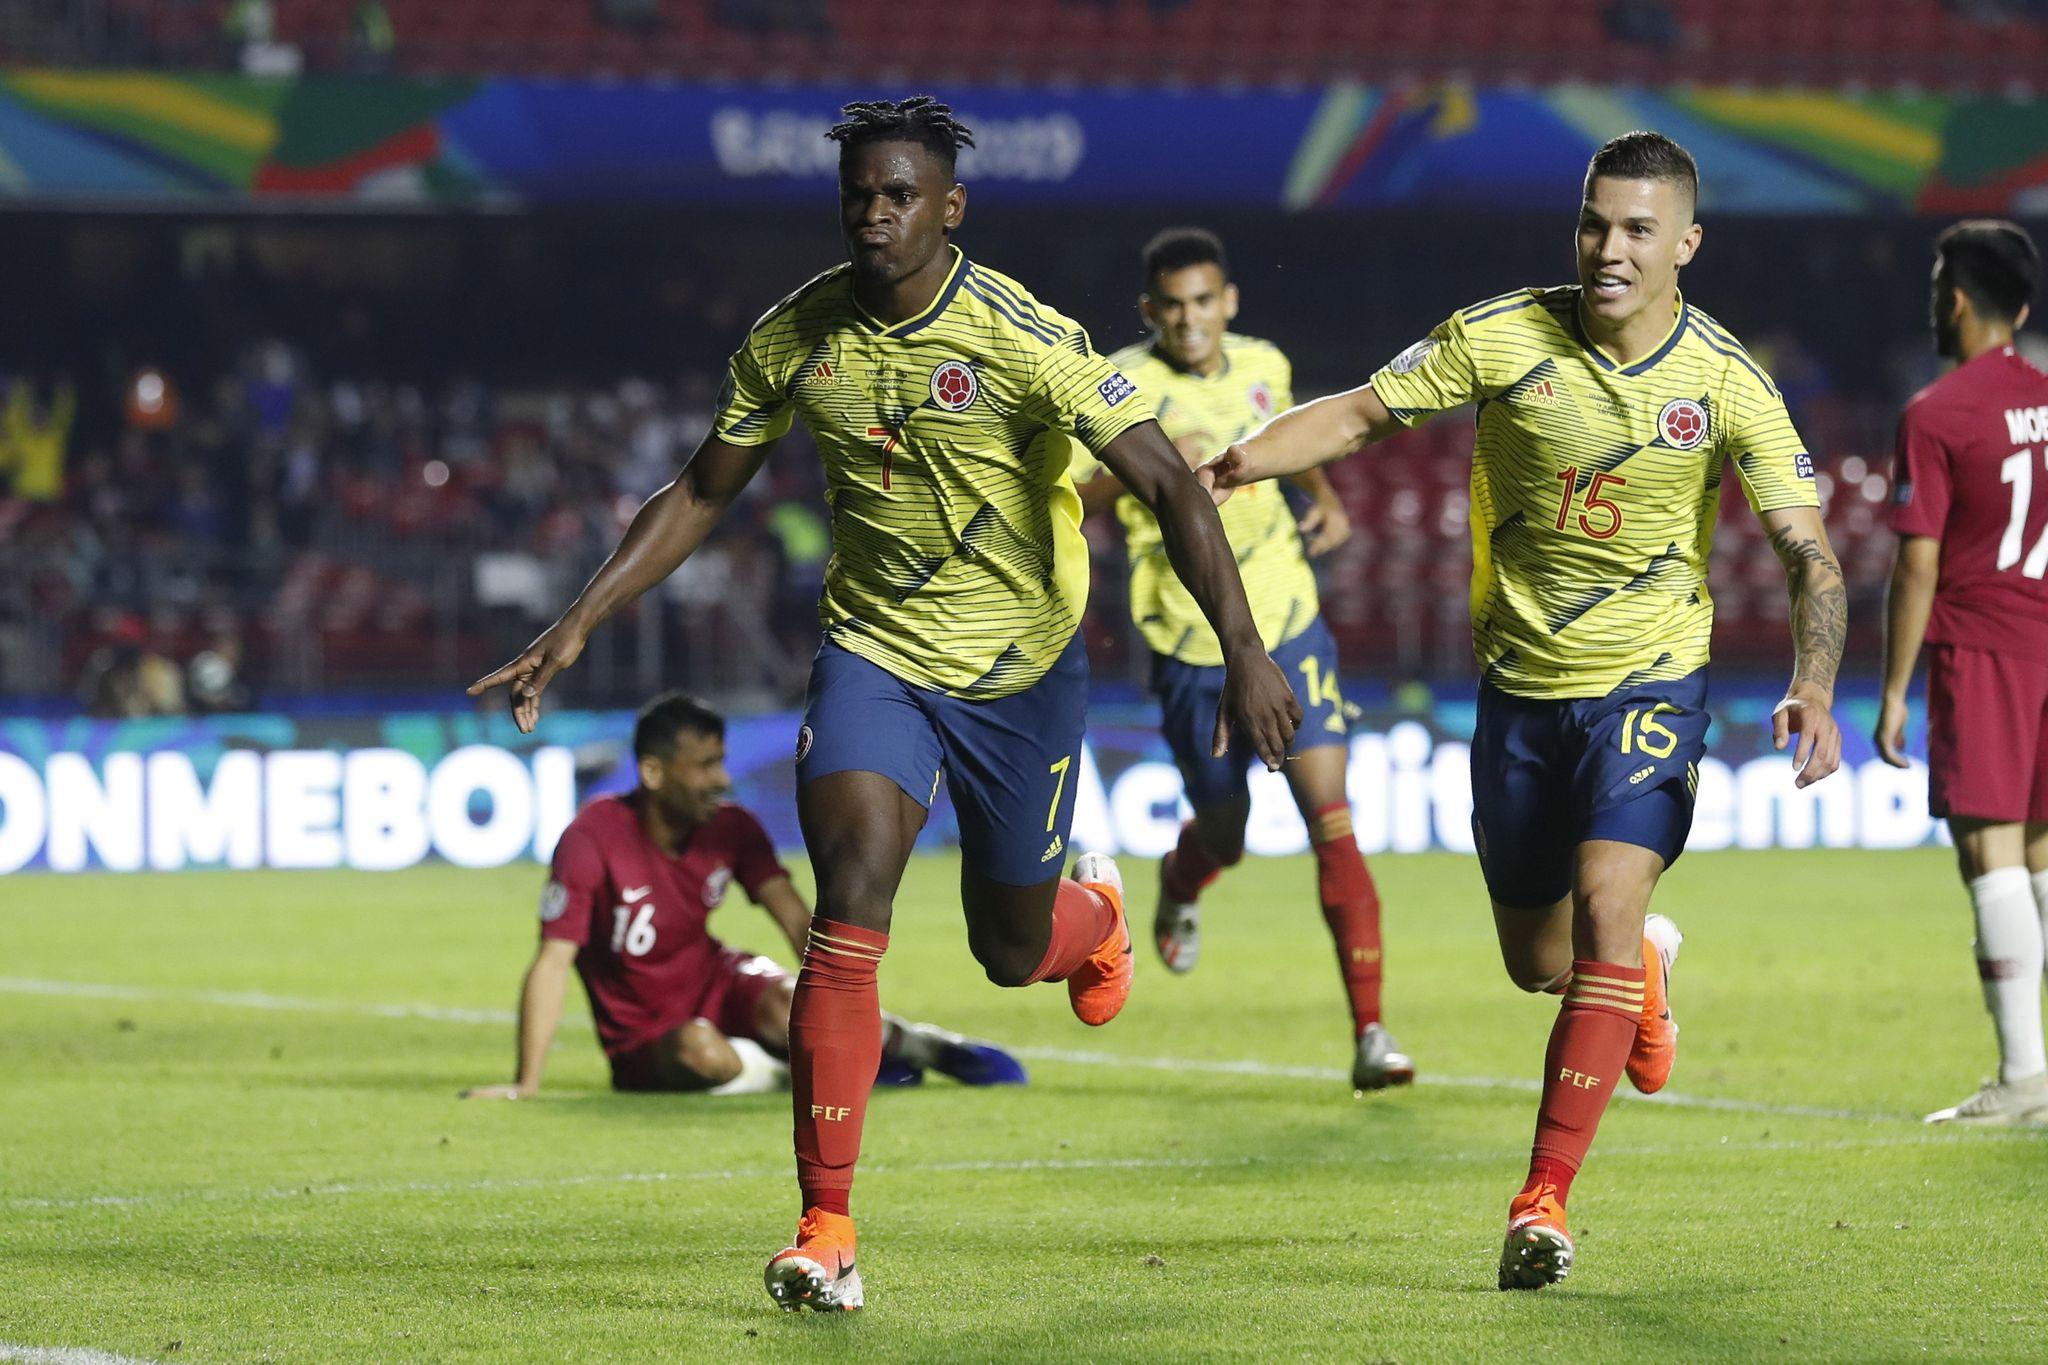 Brazil_soccer_copa_america_colombia_qatar_39983_s2048x1365